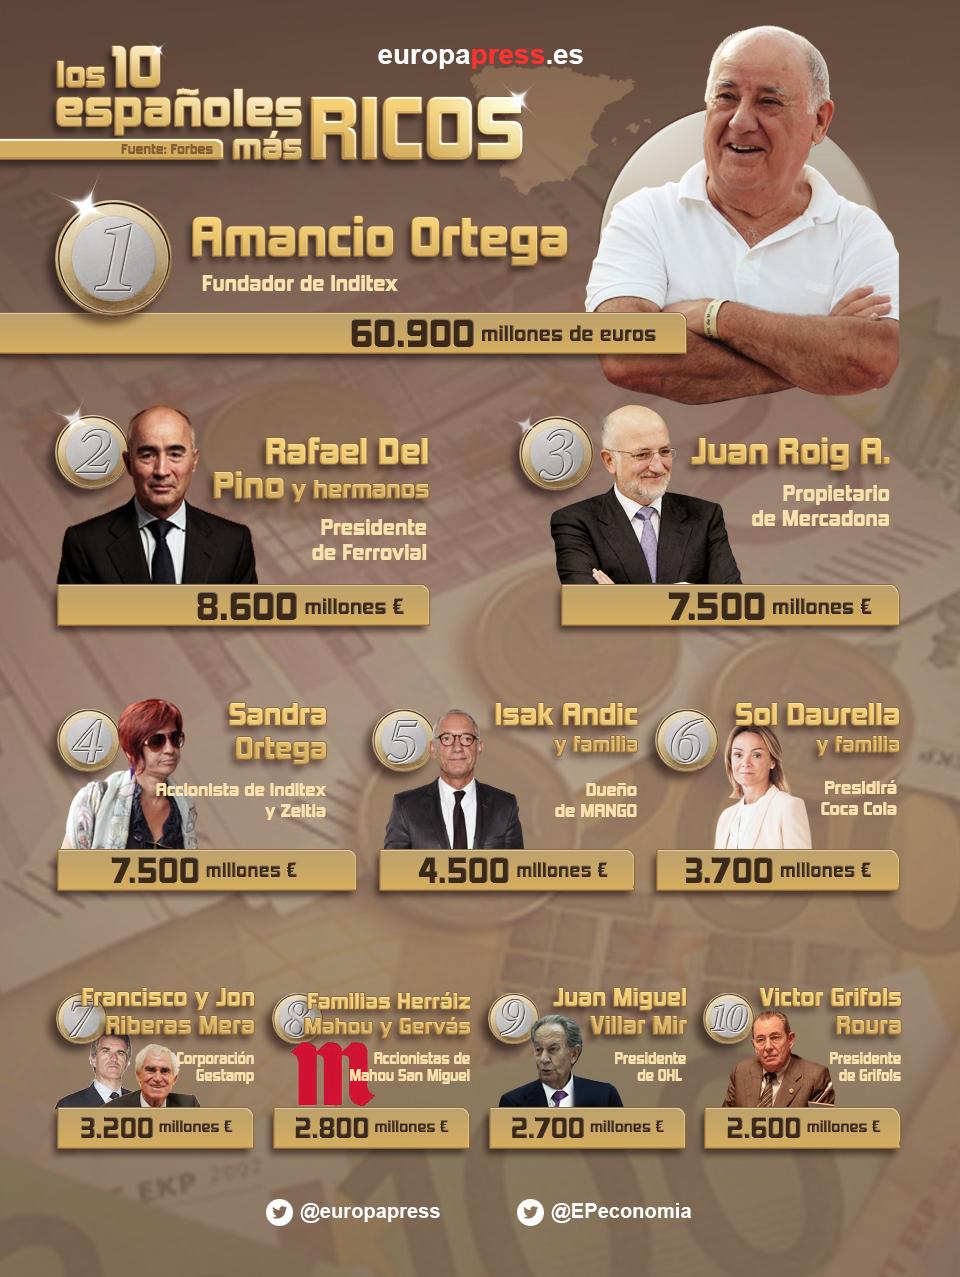 La fortuna de Amancio Ortega equivale a la de 13 grandes millonarios españoles